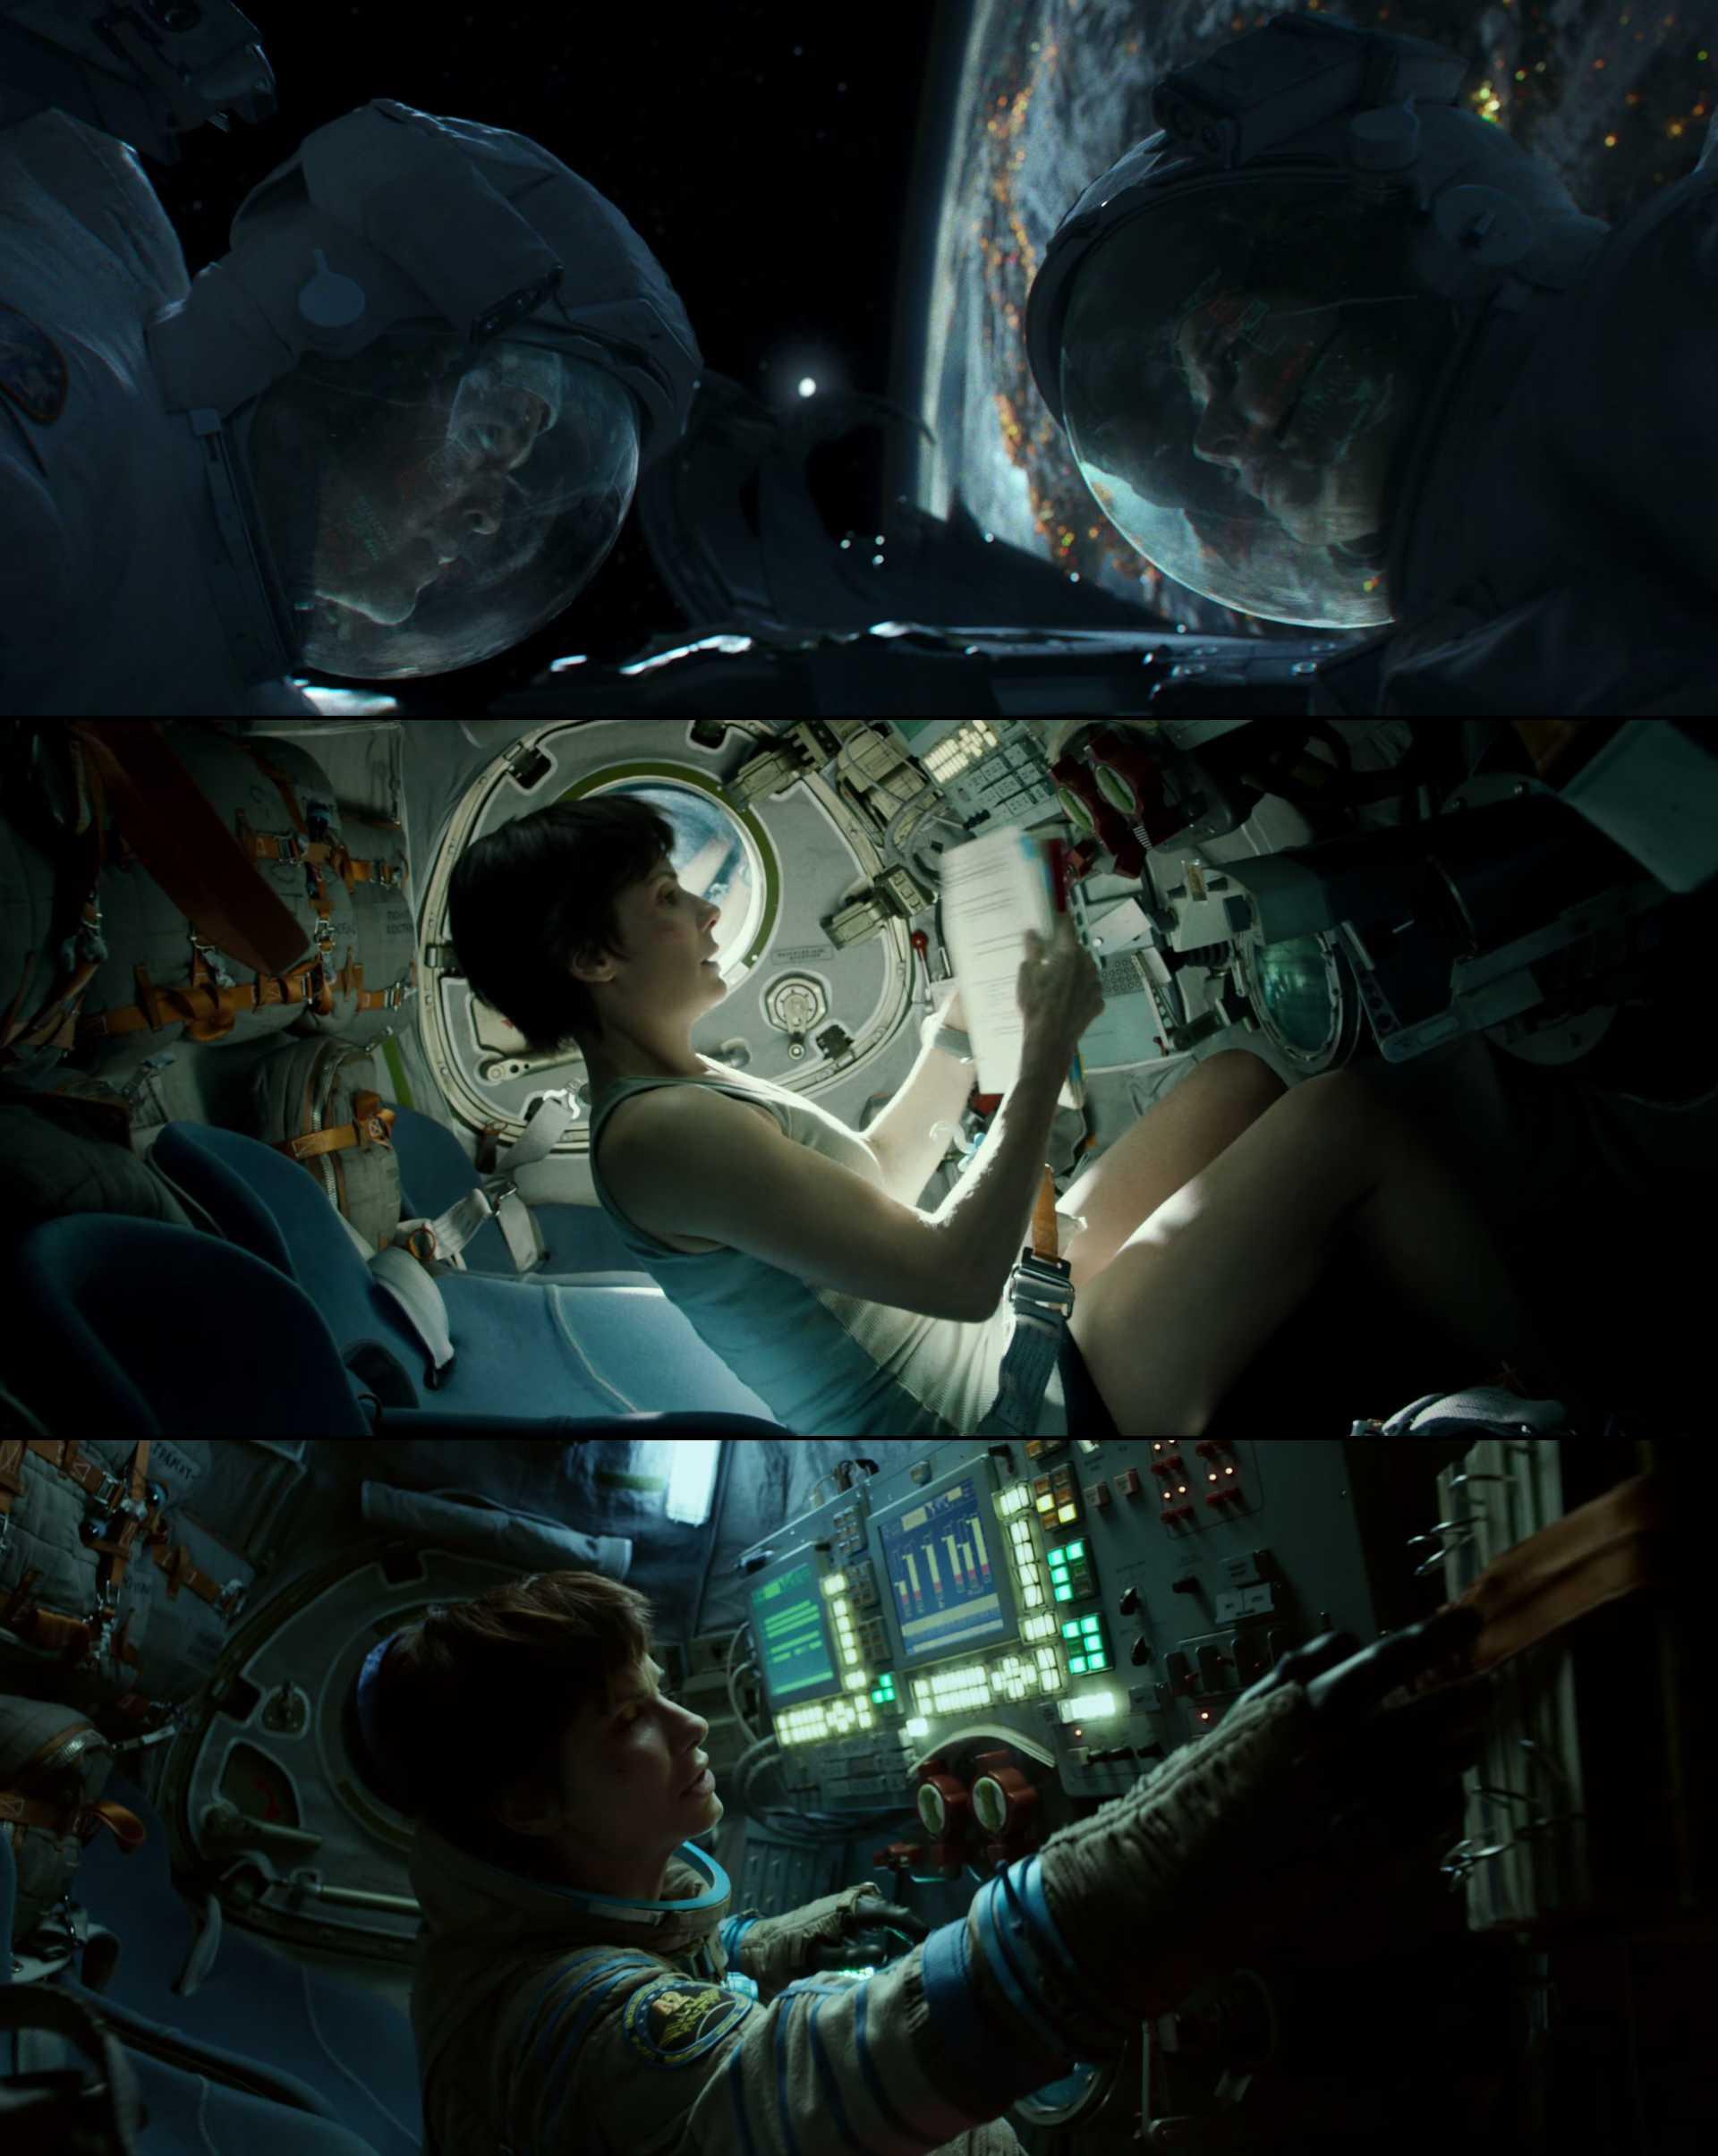 Screenshot of Gravity Movie